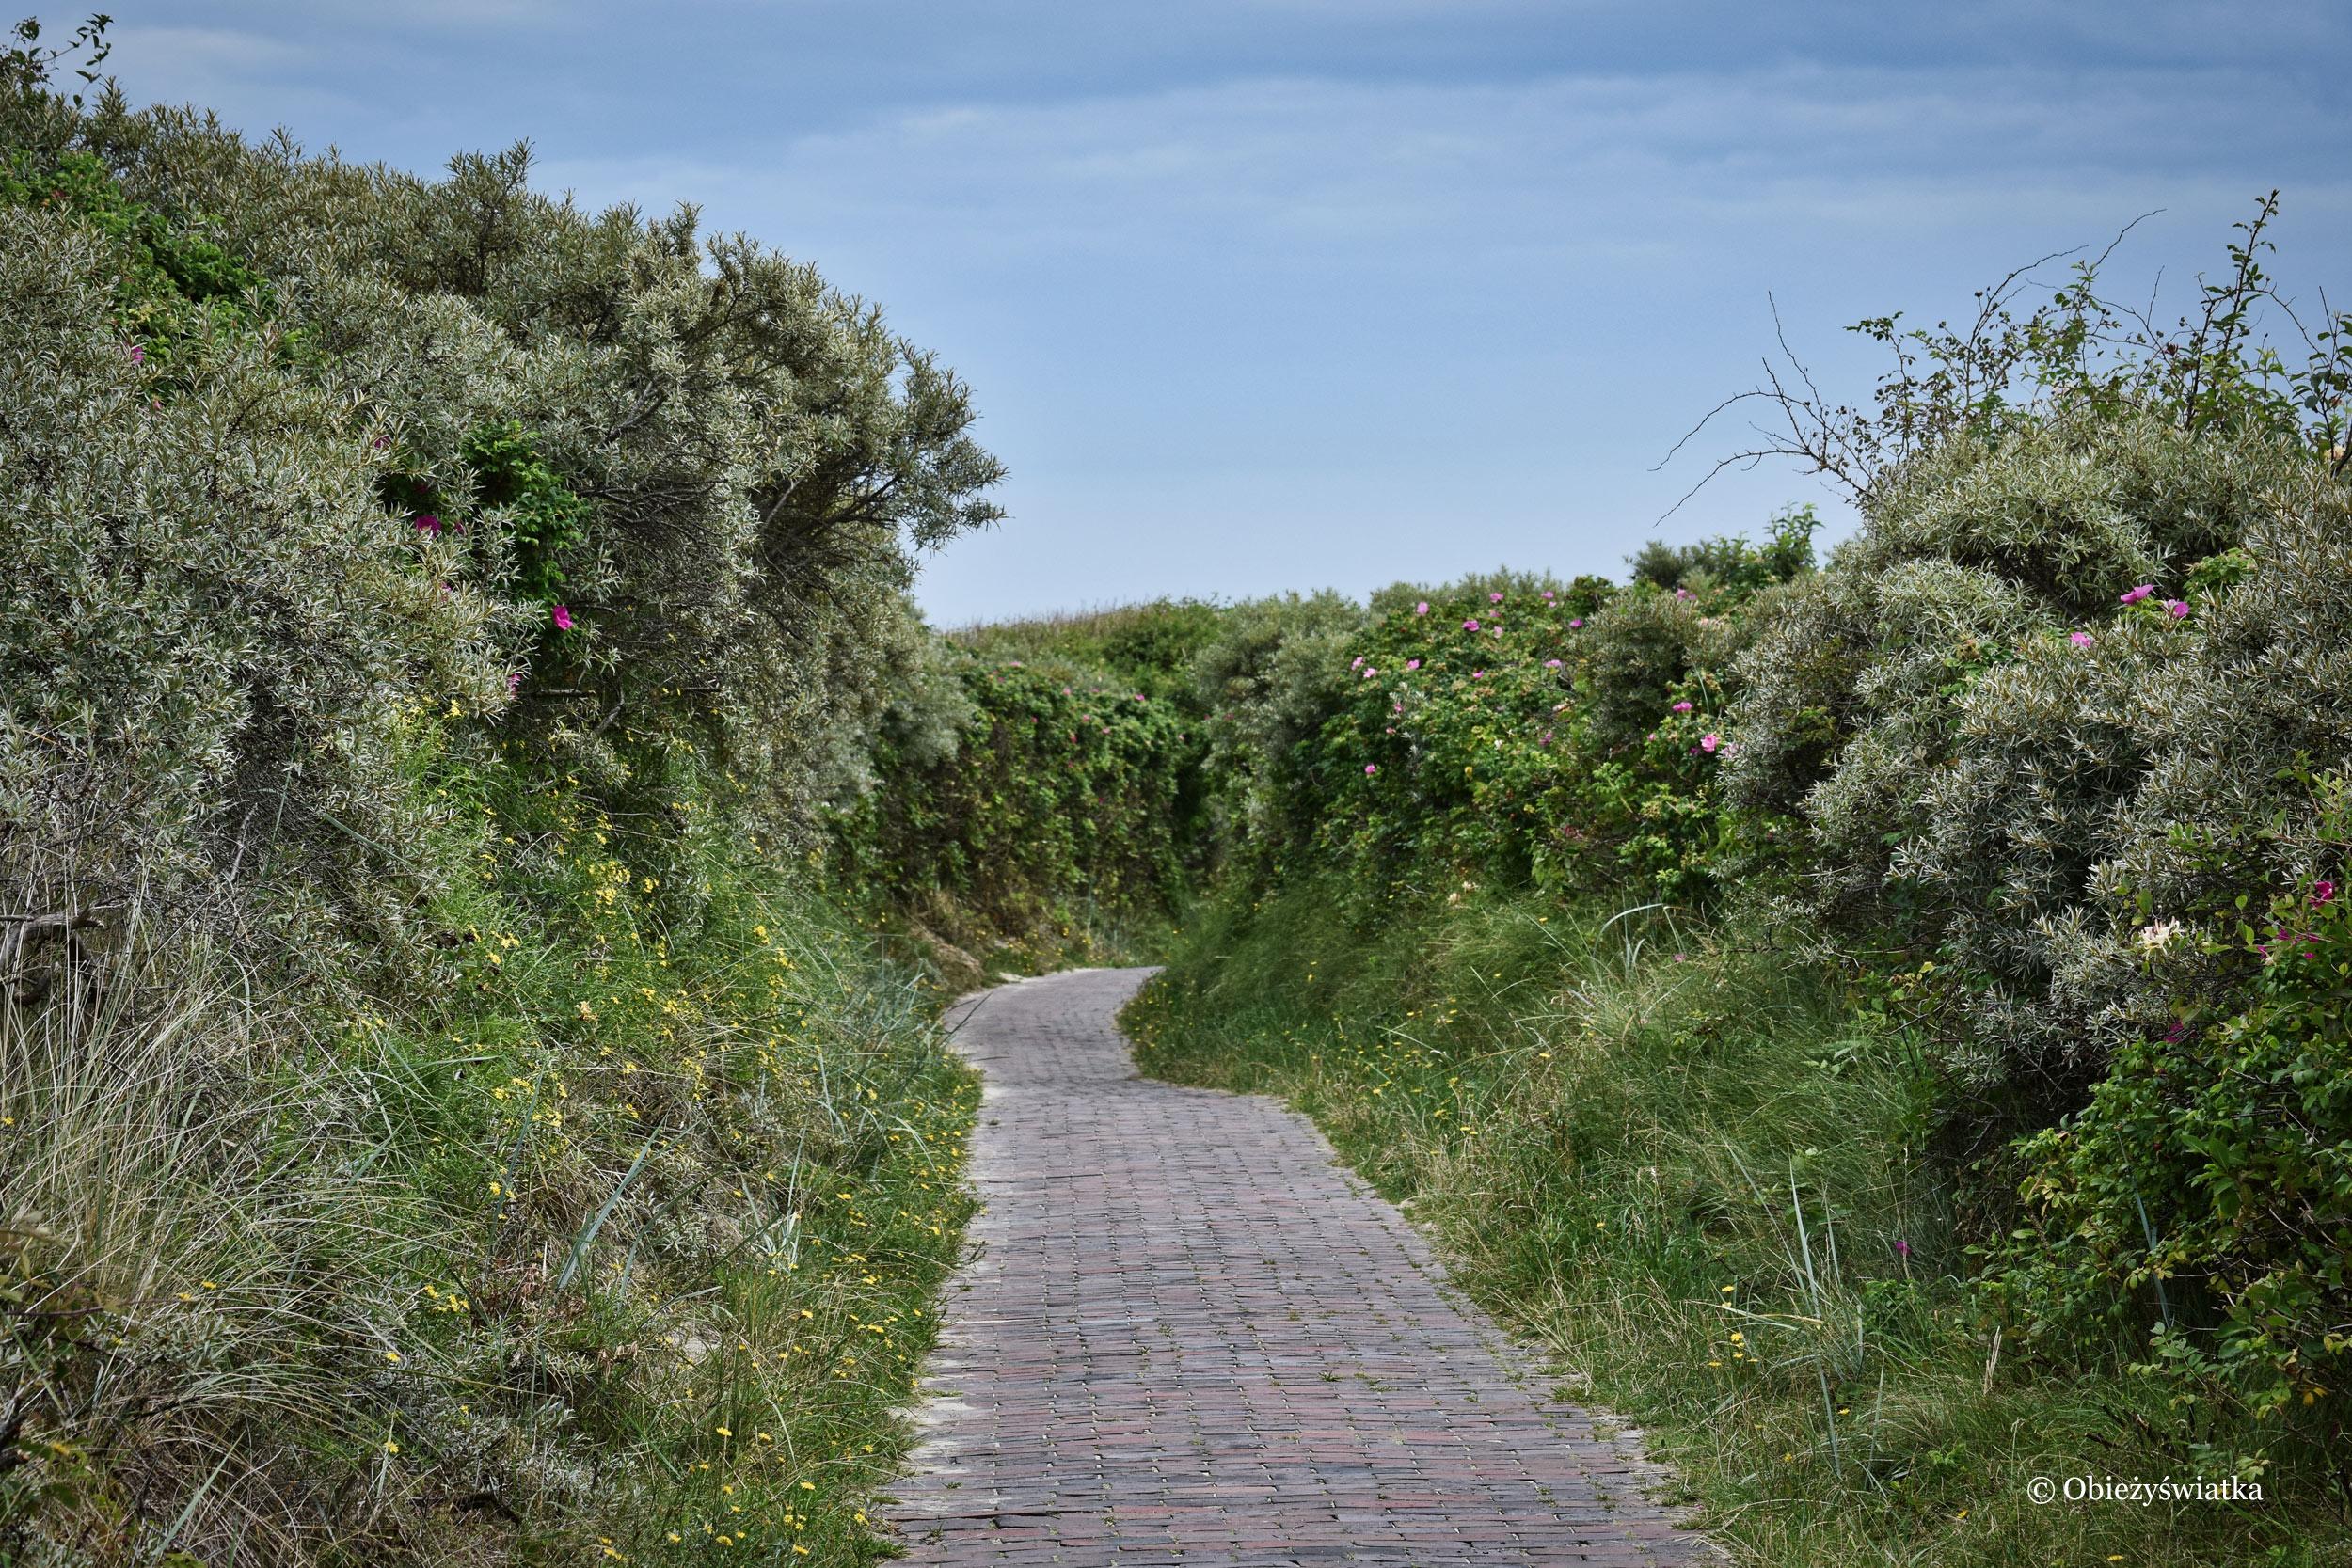 Ściezki na Wyspie Langeoog